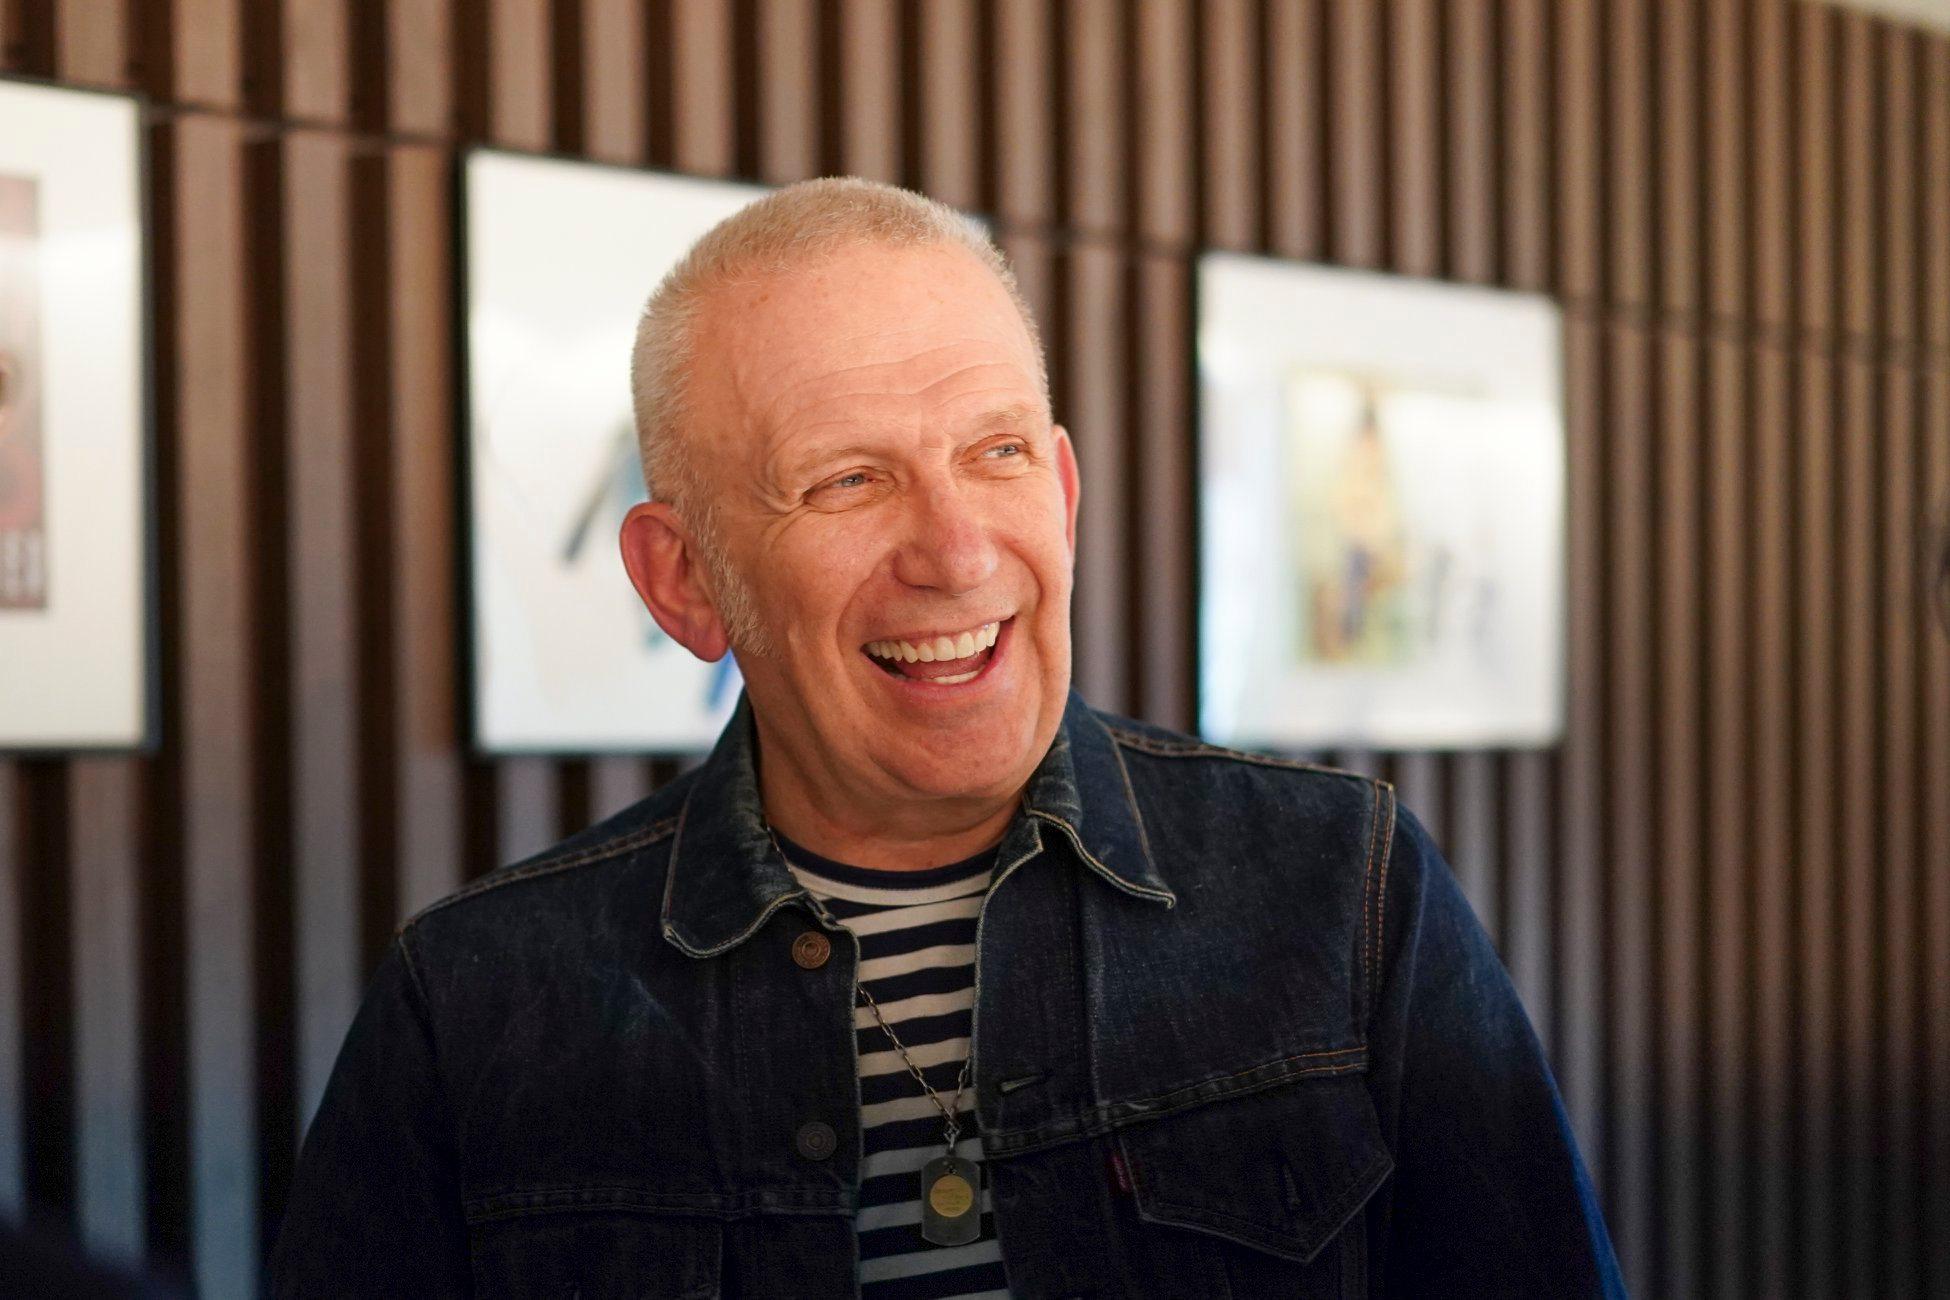 Chi è Jean-Paul Gaultier